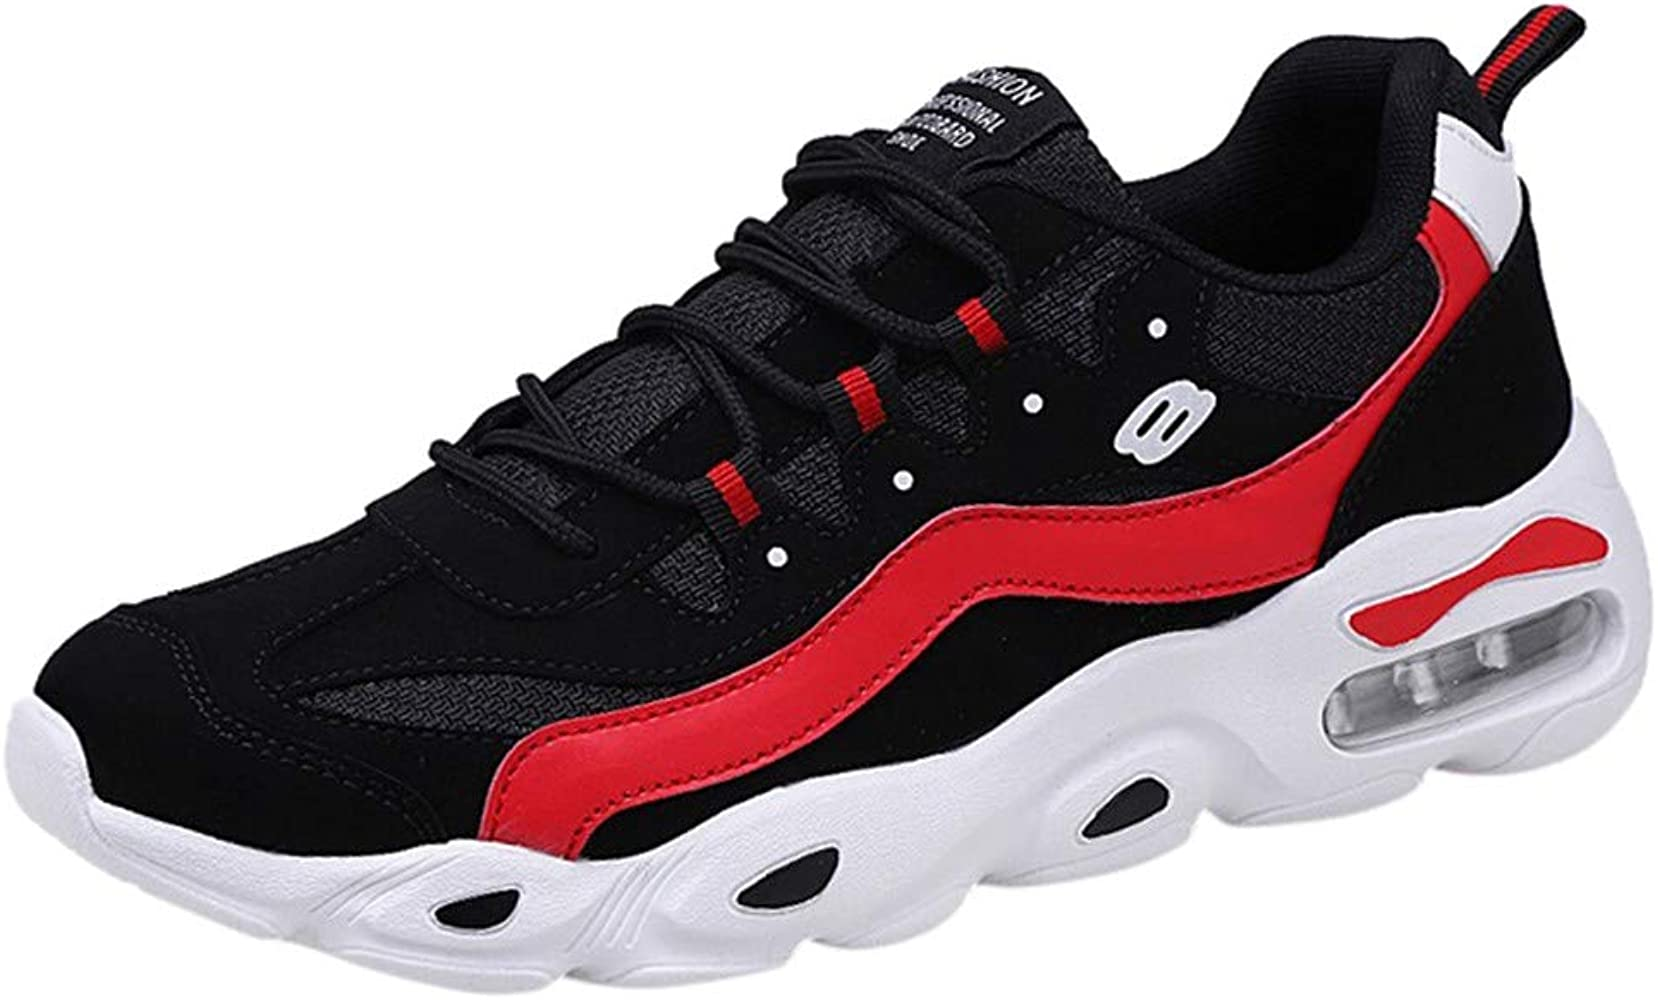 Moda Zapatos Casuales Zapatillas de Running para Hombre,ZARLLE Tendencia Zapatos Deportivos Calzados para Correr en Asfalto para Hombre Zapatos de Cordones para Hombre,Calzado de Trabajo: Amazon.es: Ropa y accesorios